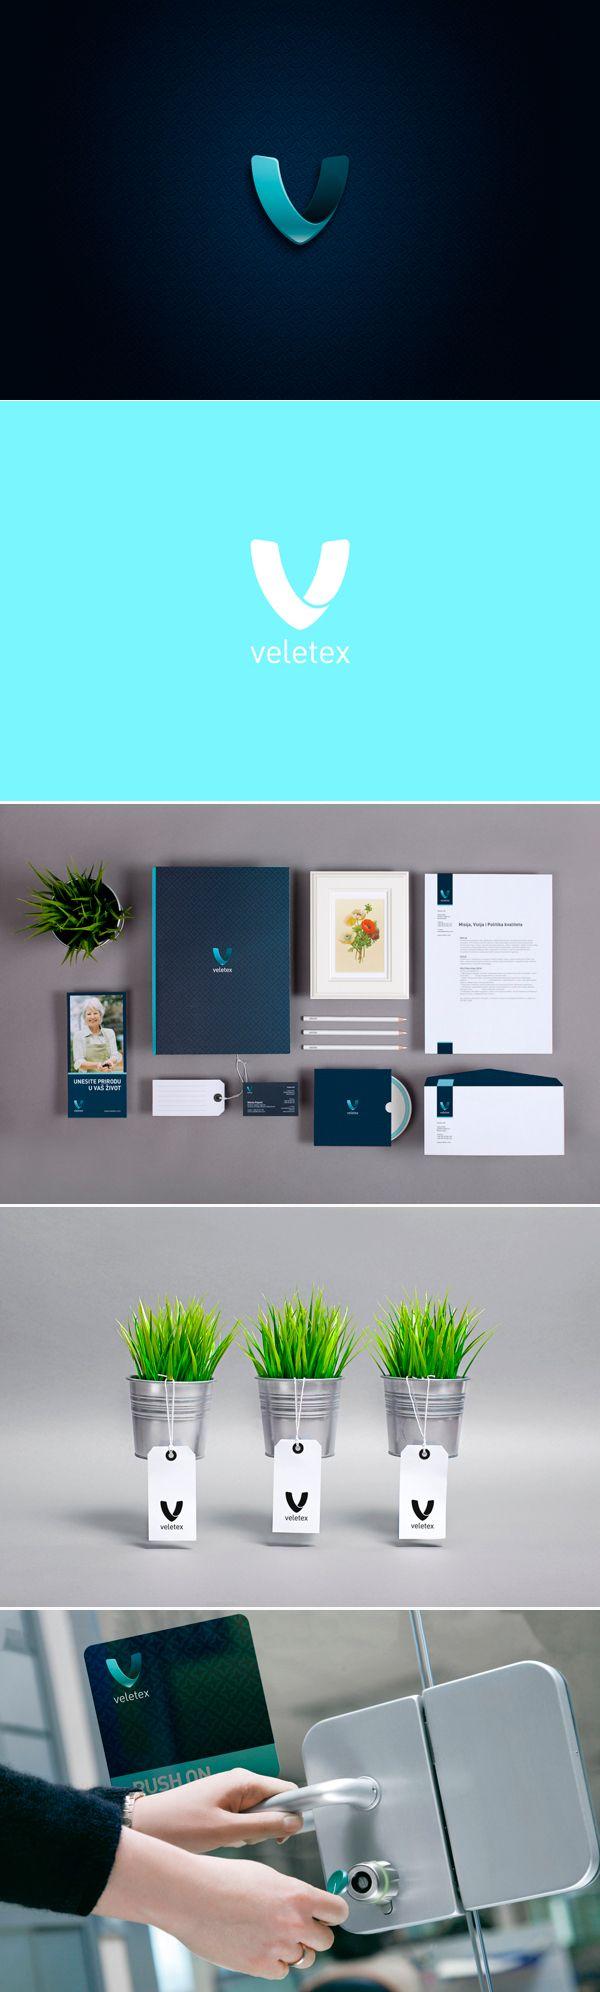 identity / Veletex | #stationary #corporate #design #corporatedesign #identity #branding #marketing < repinned by www.BlickeDeeler.de | Take a look at www.LogoGestaltung-Hamburg.de